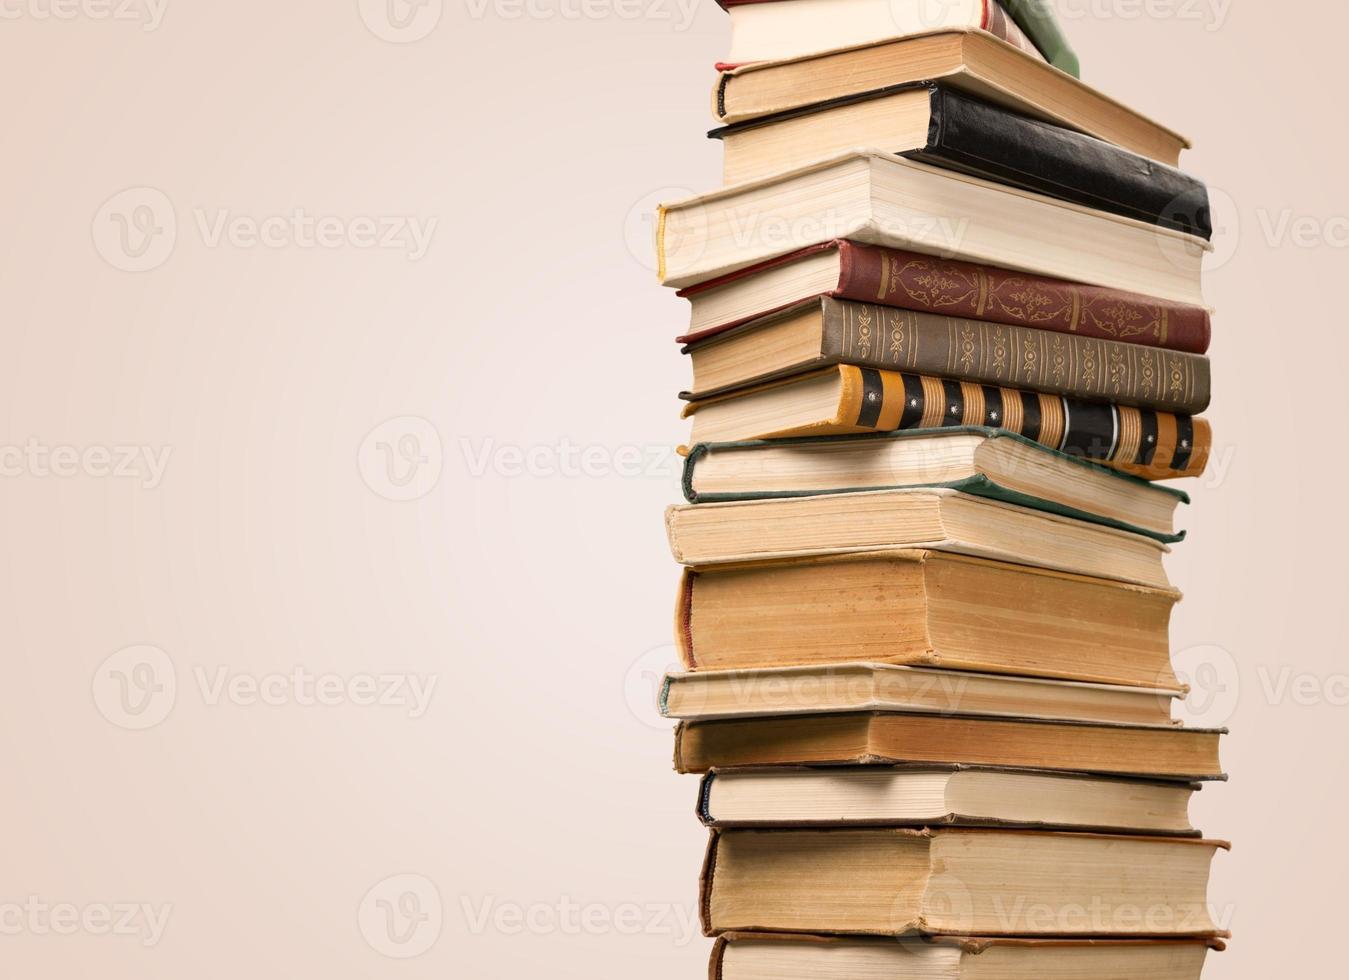 livre, pile, manuel photo